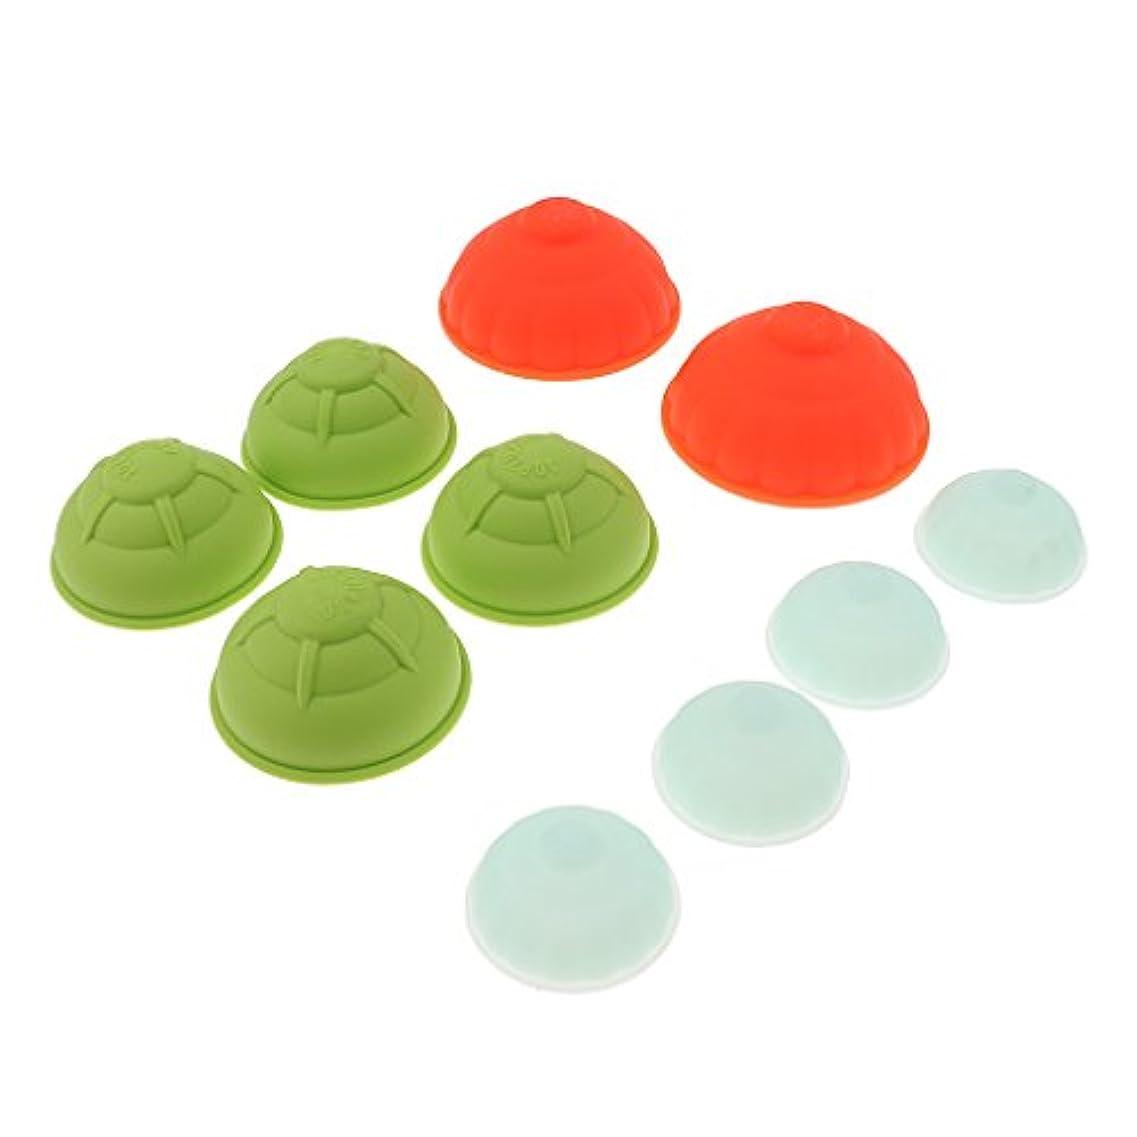 芸術腹部戦士カッピングカップ 10個 シリコン 真空 マッサージ カッピングカップセット